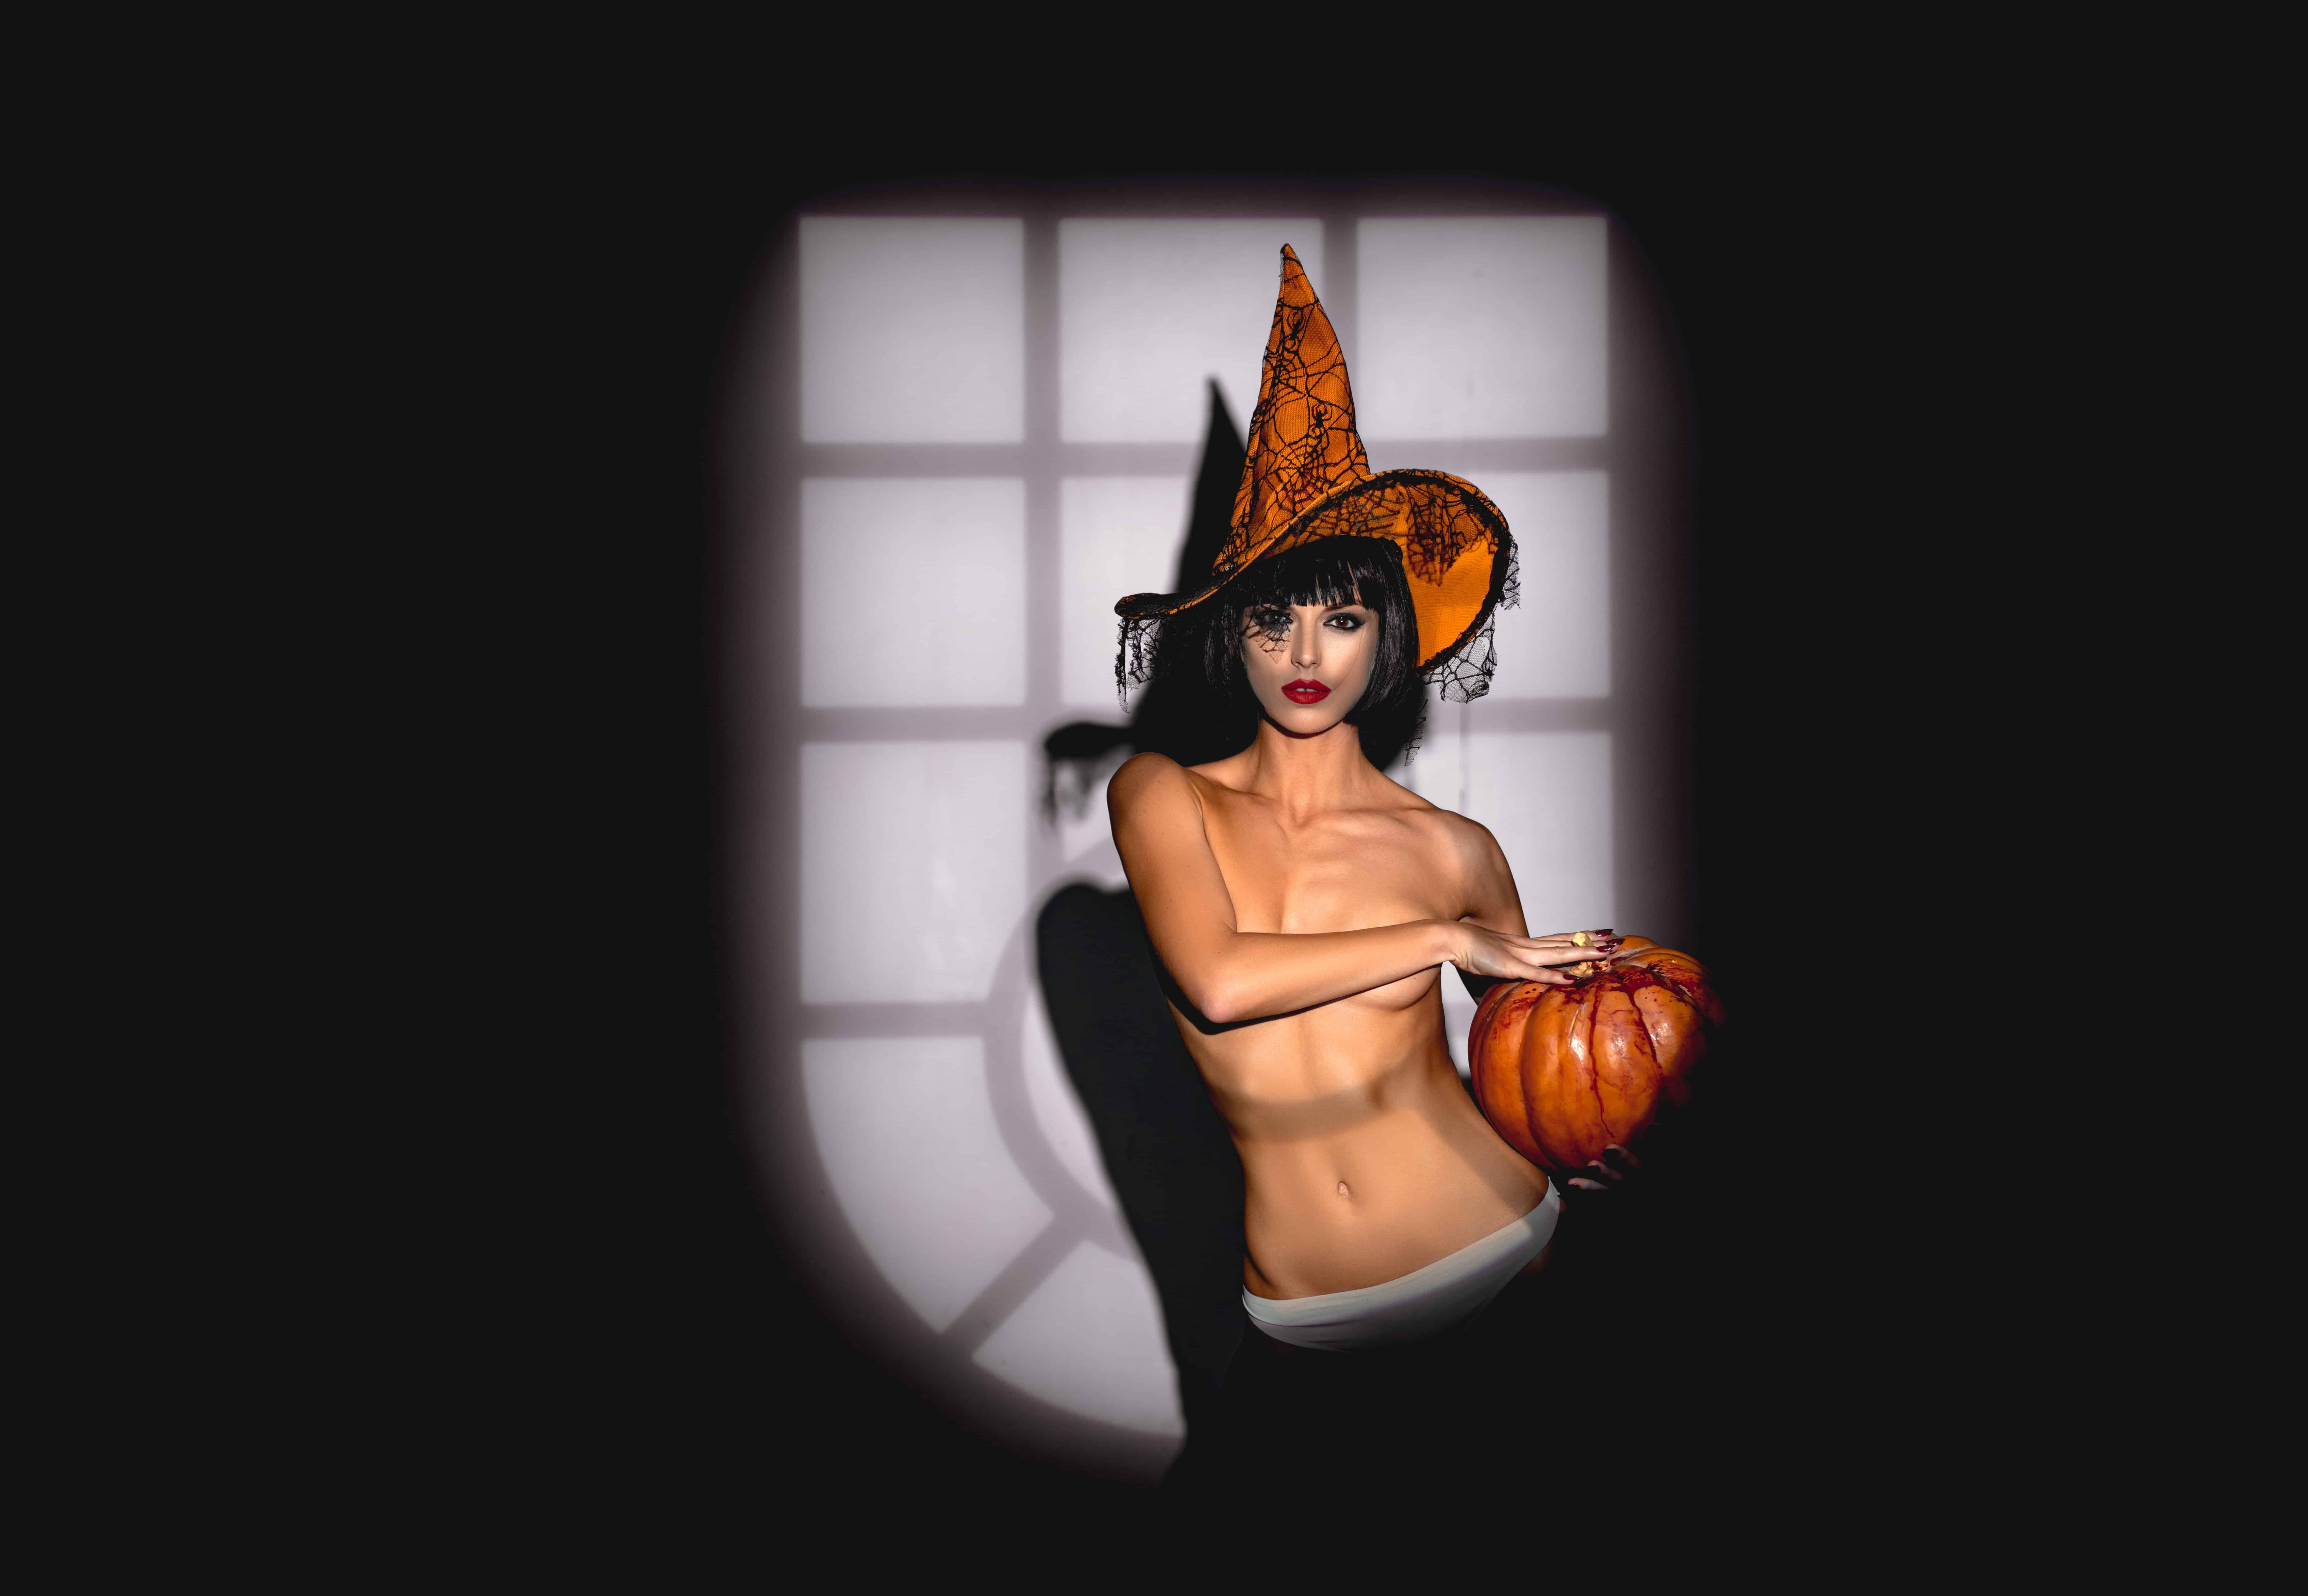 Sexy Girl holding a Halloween Pumpkin